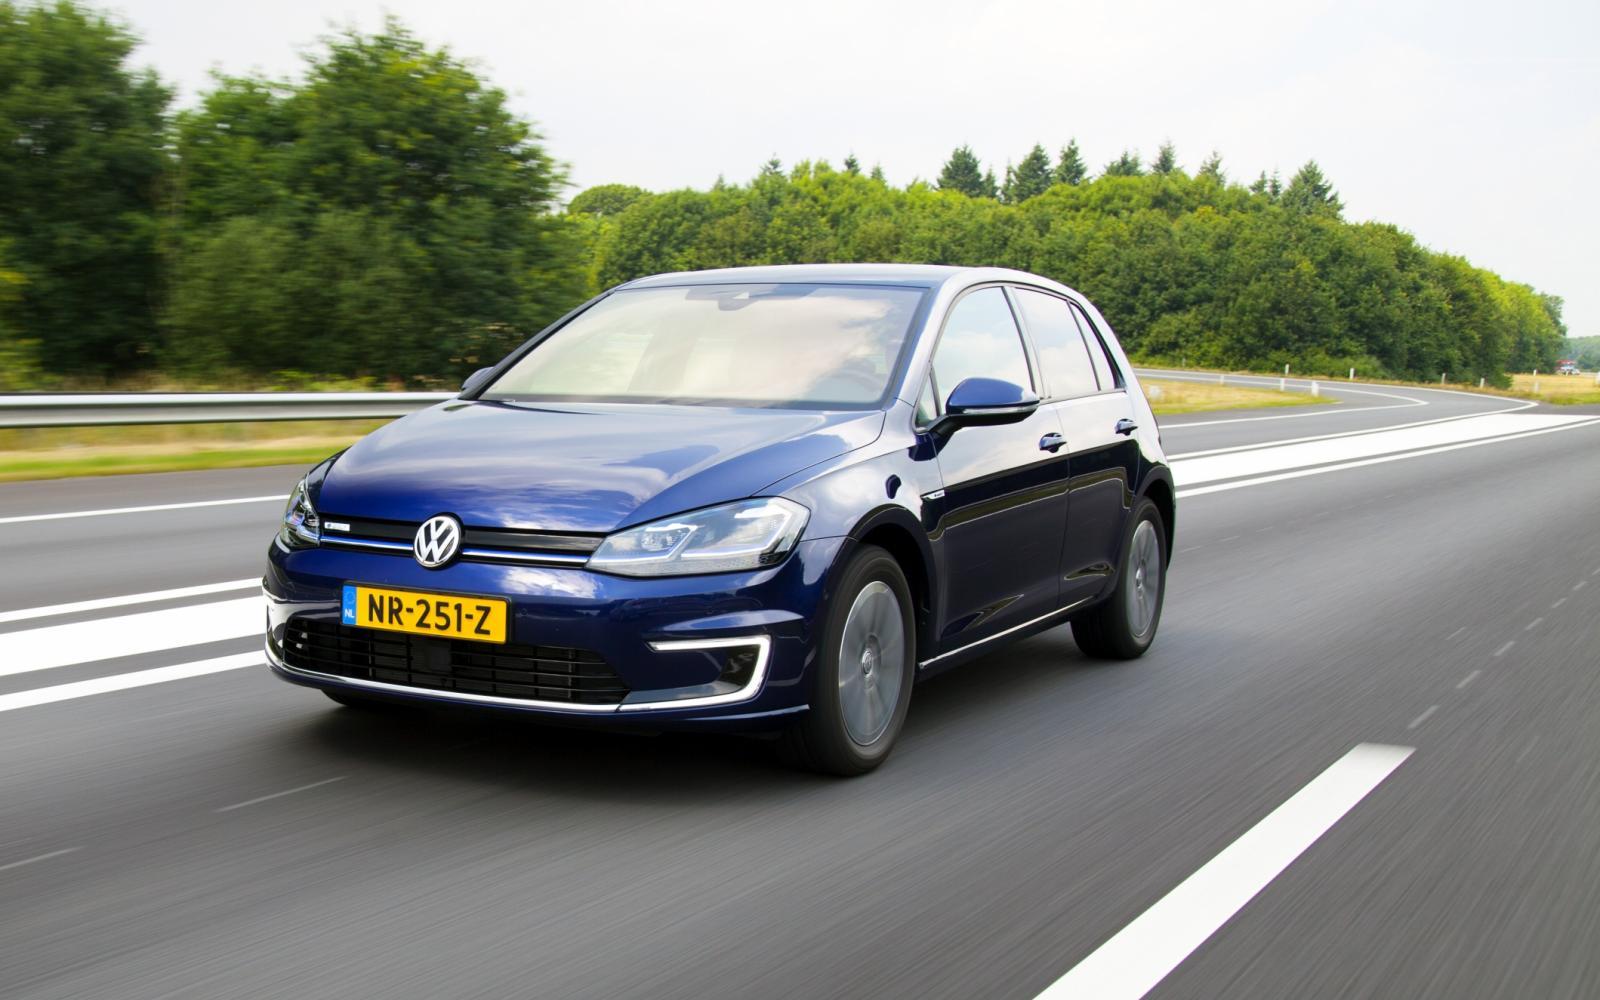 3x Goedkoop Een Elektrische Auto Private Leasen Met Subsidie Autowereld Com